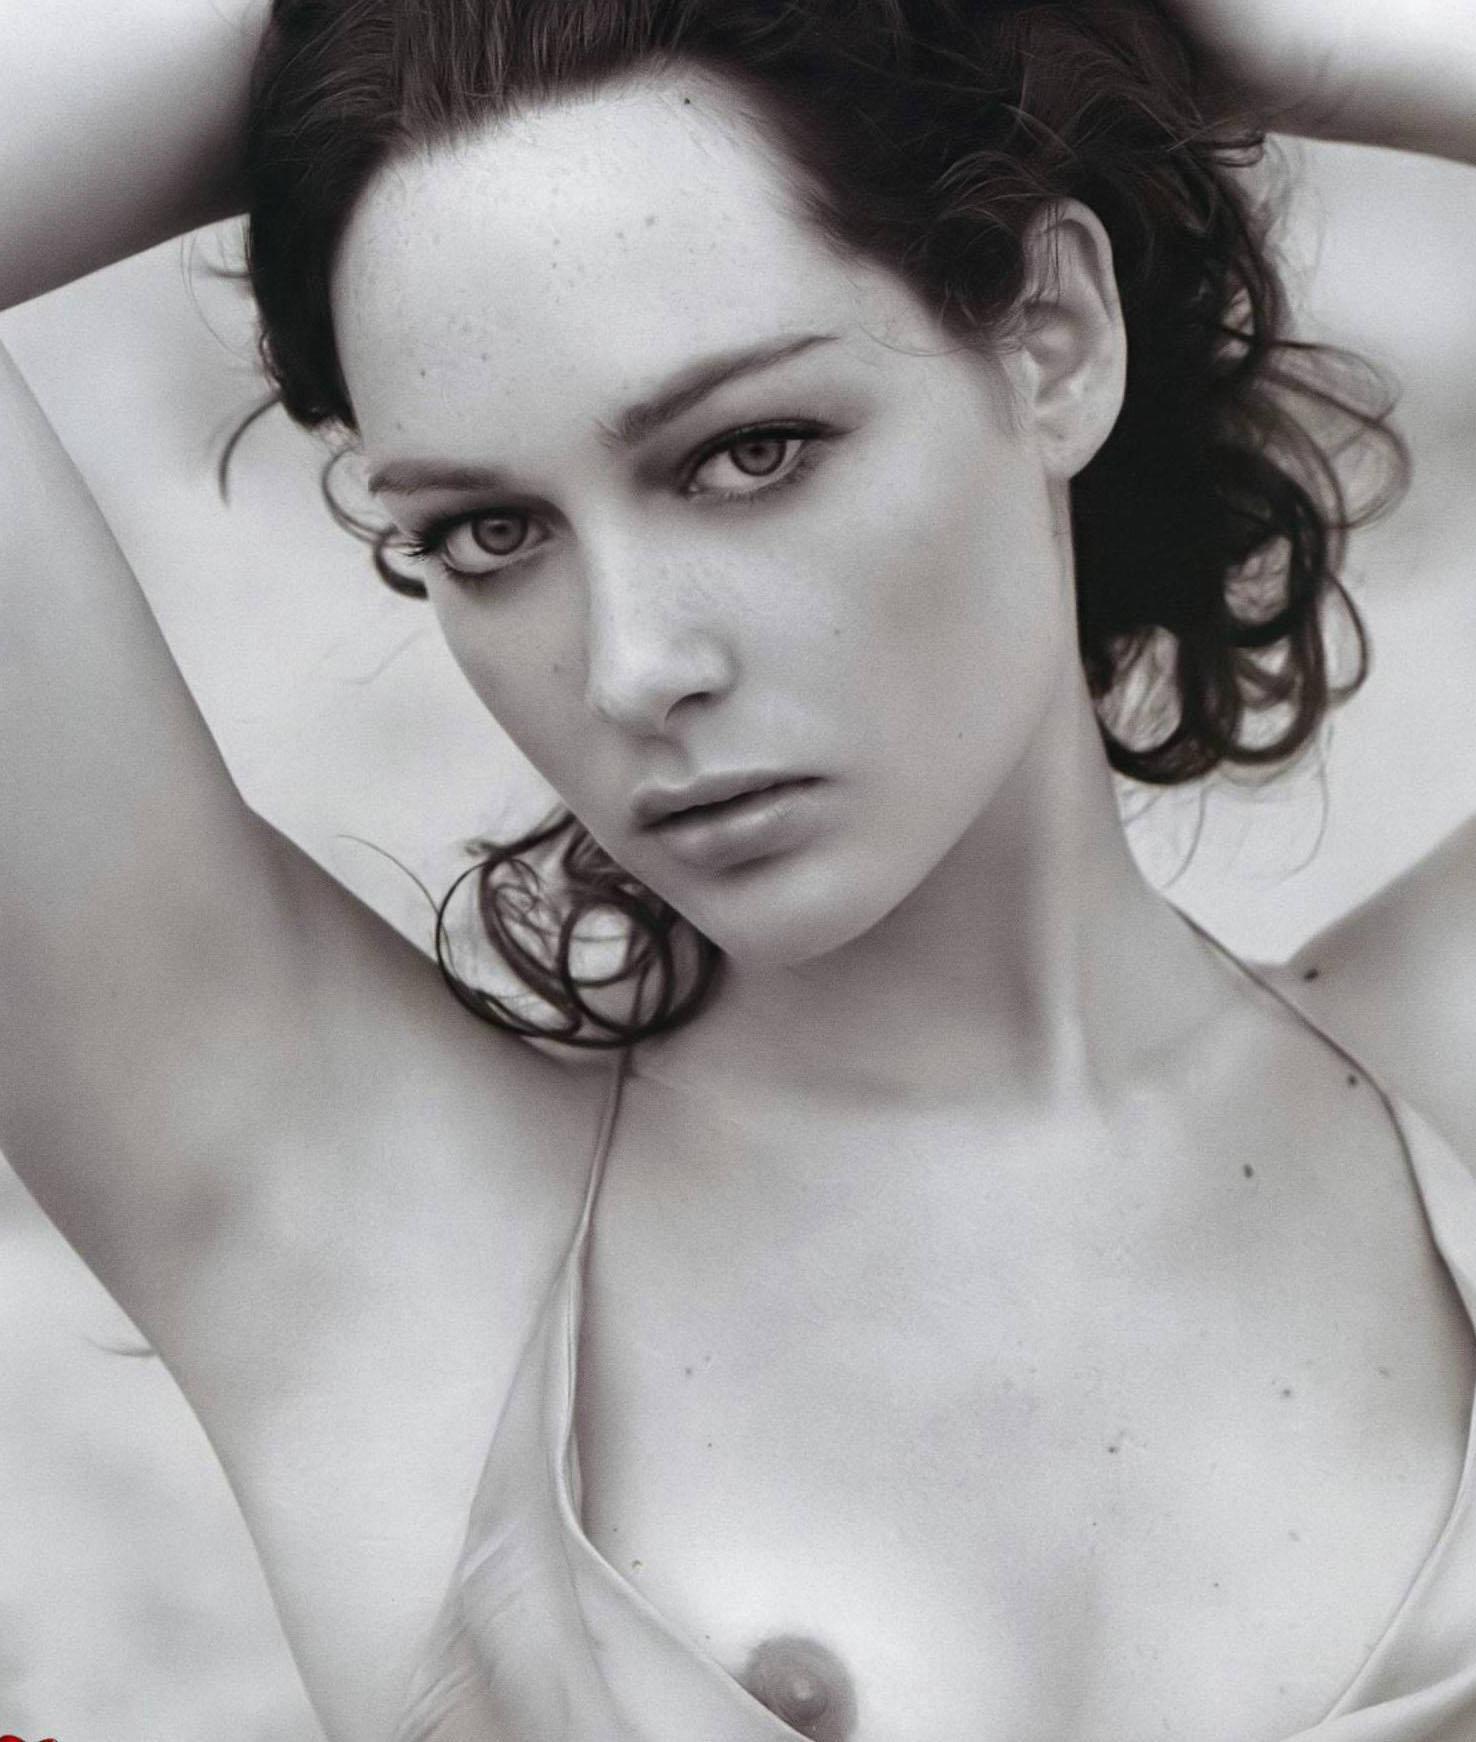 Bella nude